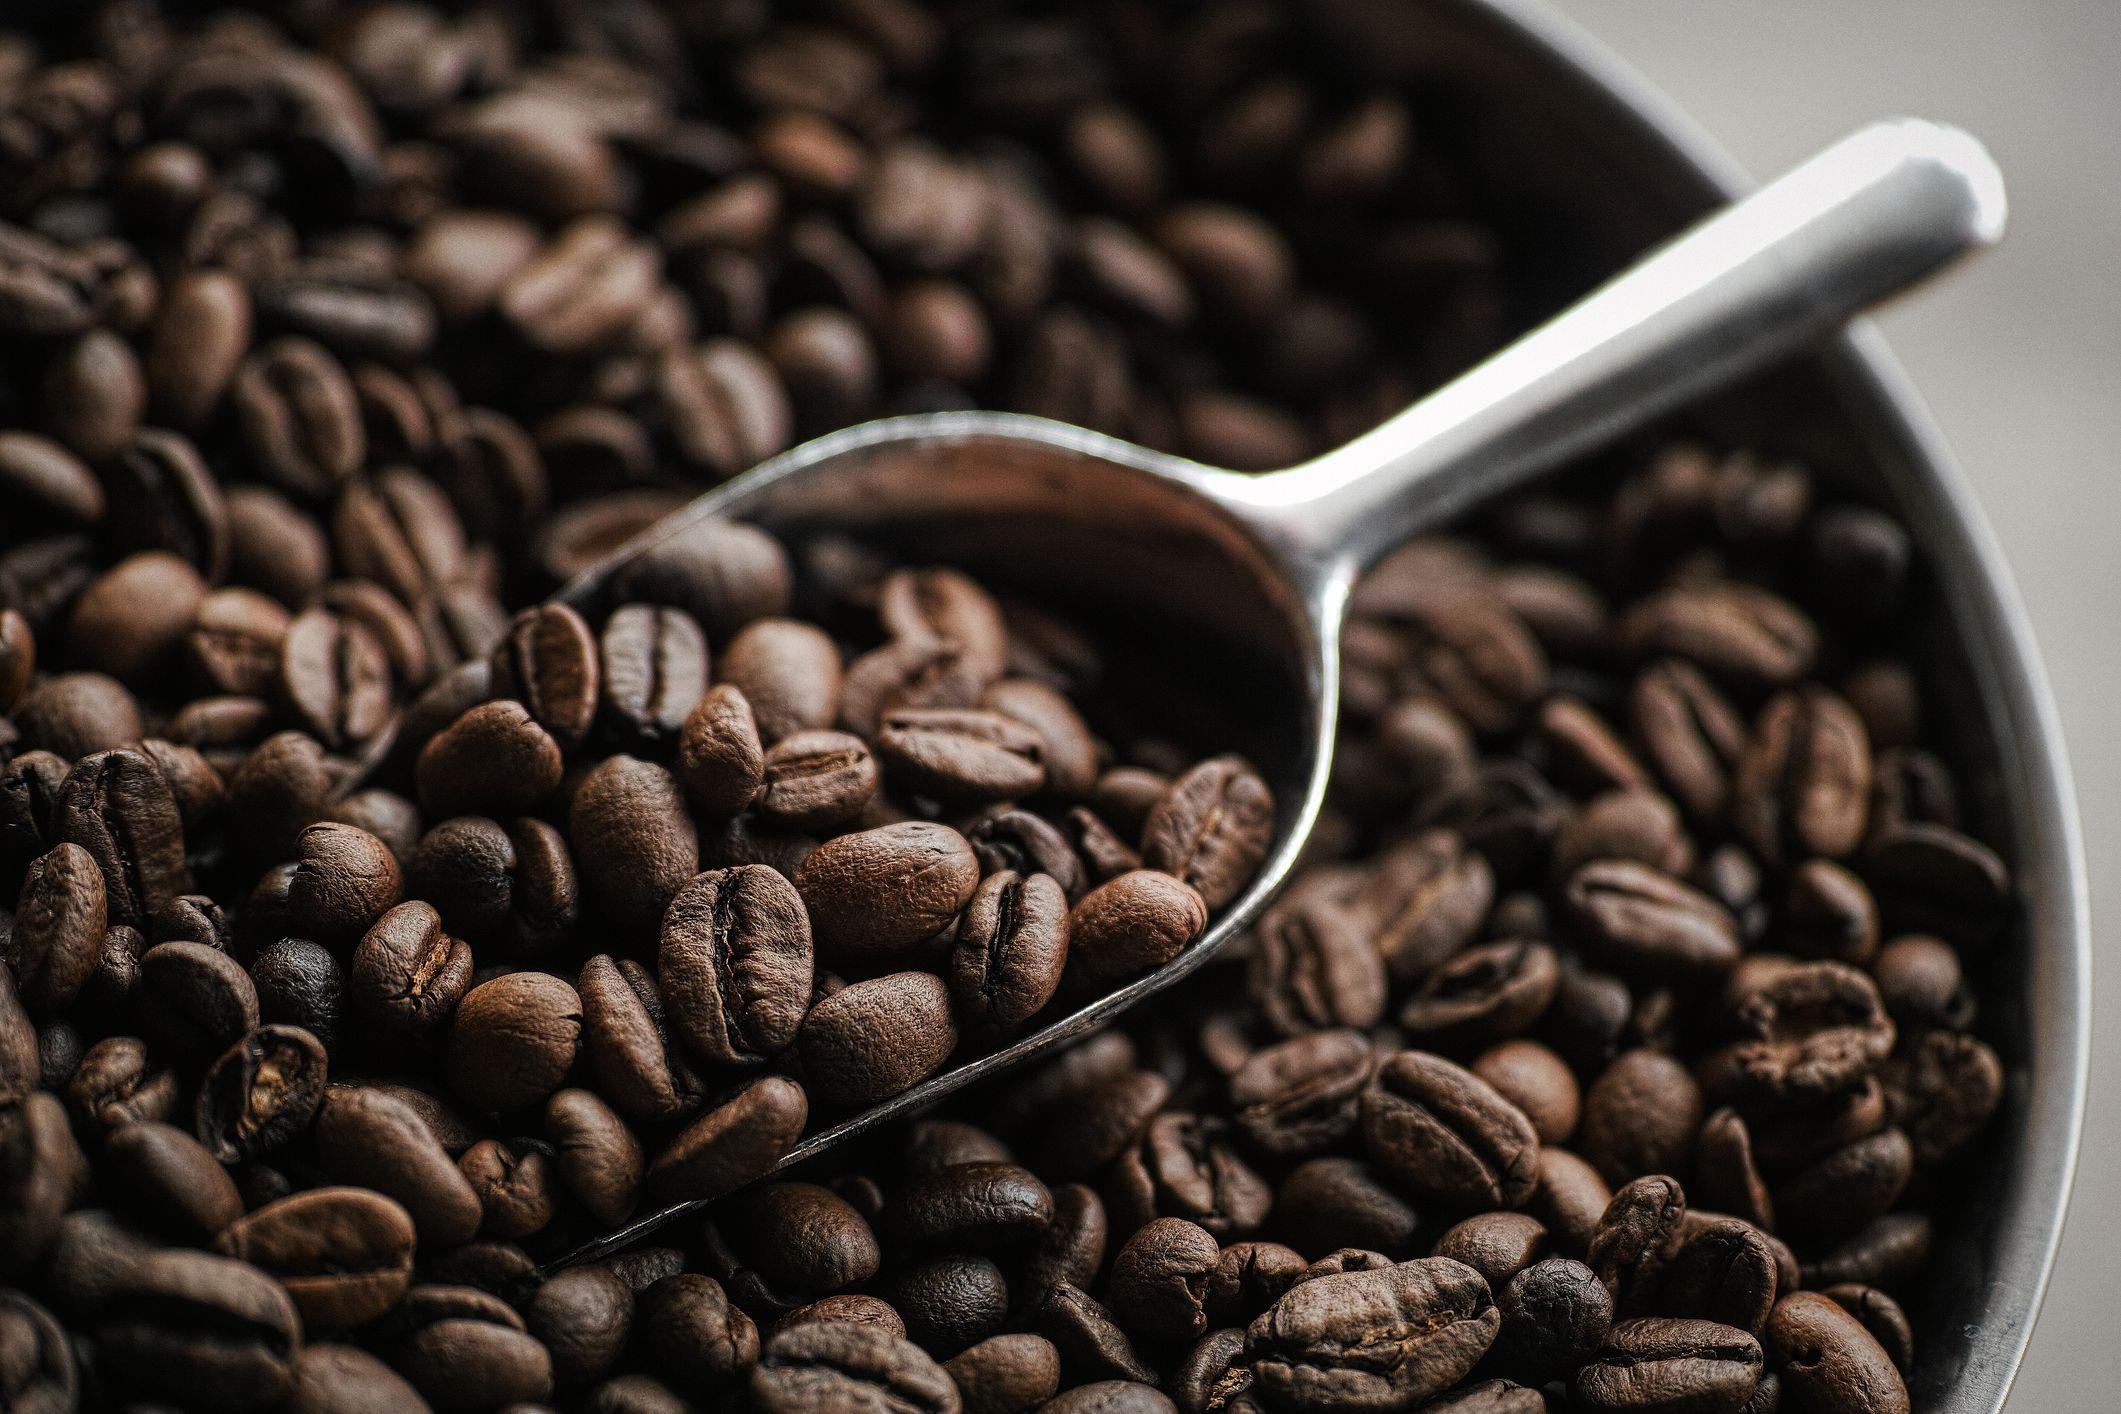 coffee-beans-5831e5d35f9b58d5b1c85fa7.jpg